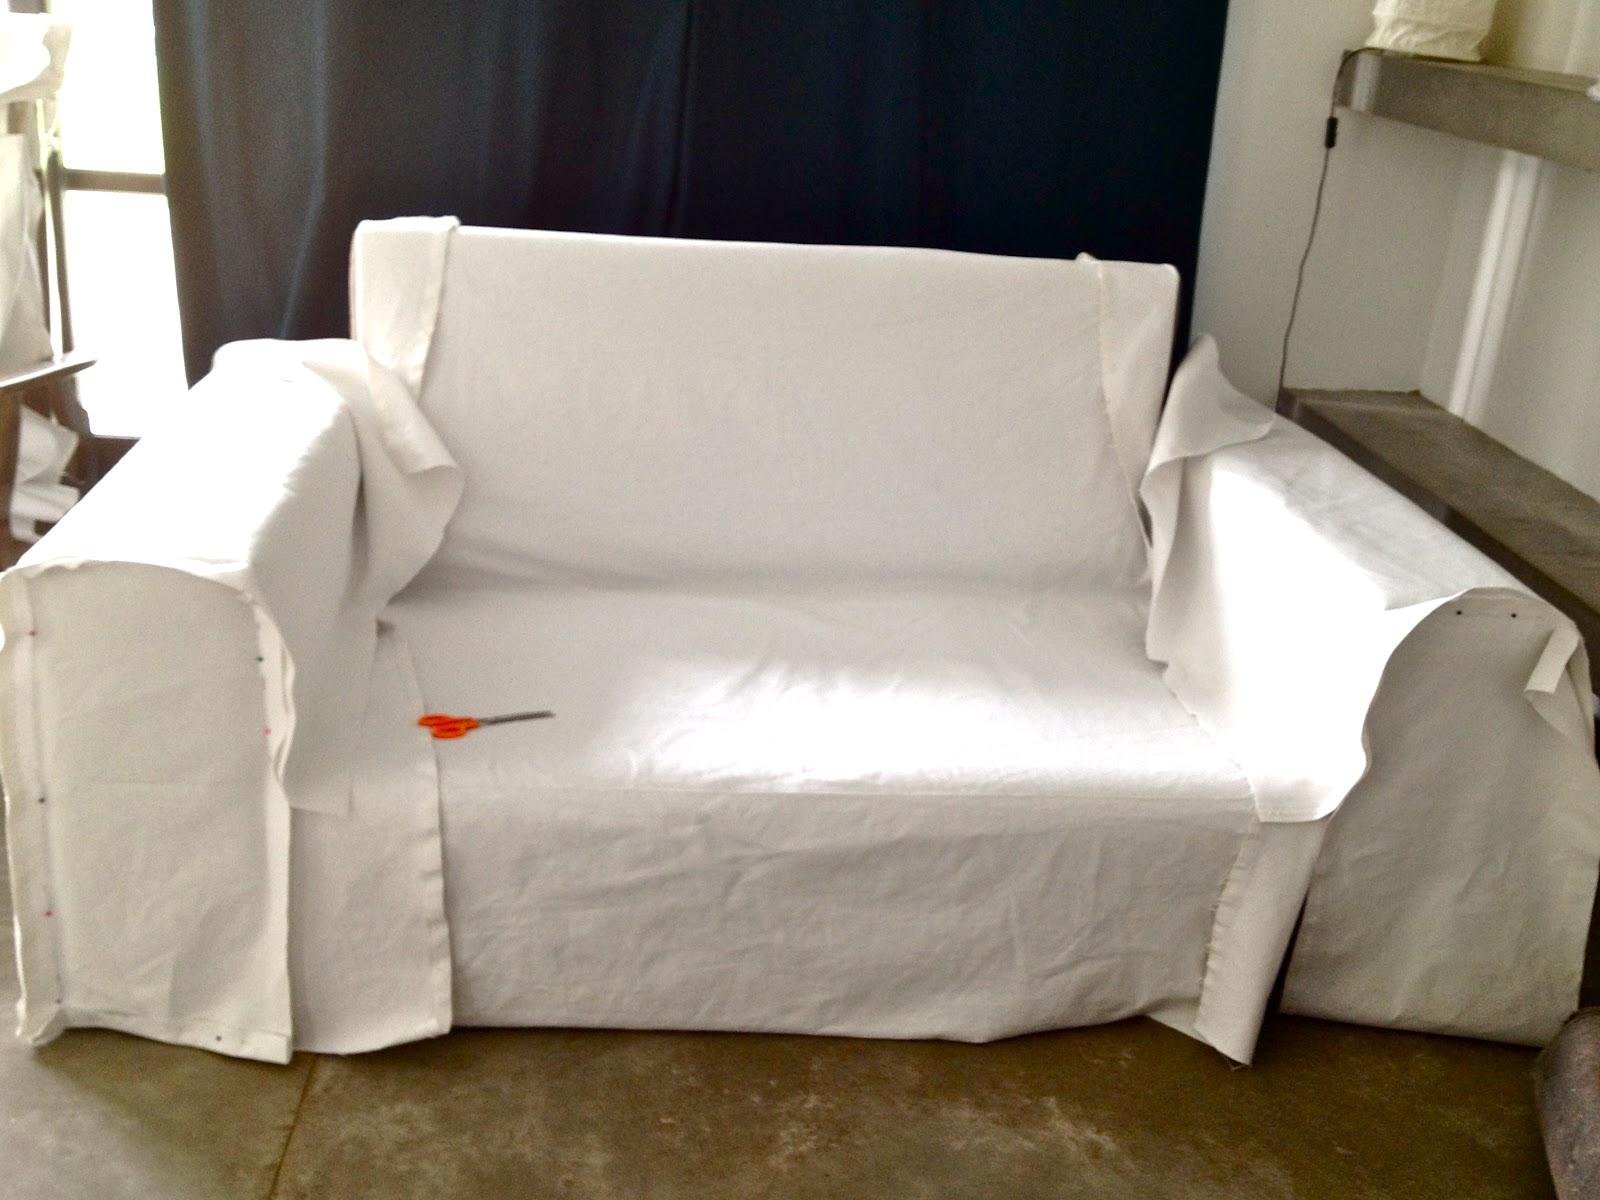 Funda blanca para mi sill n casi tutorial parte 2 lote 93 - Como hacer una funda para un sofa ...